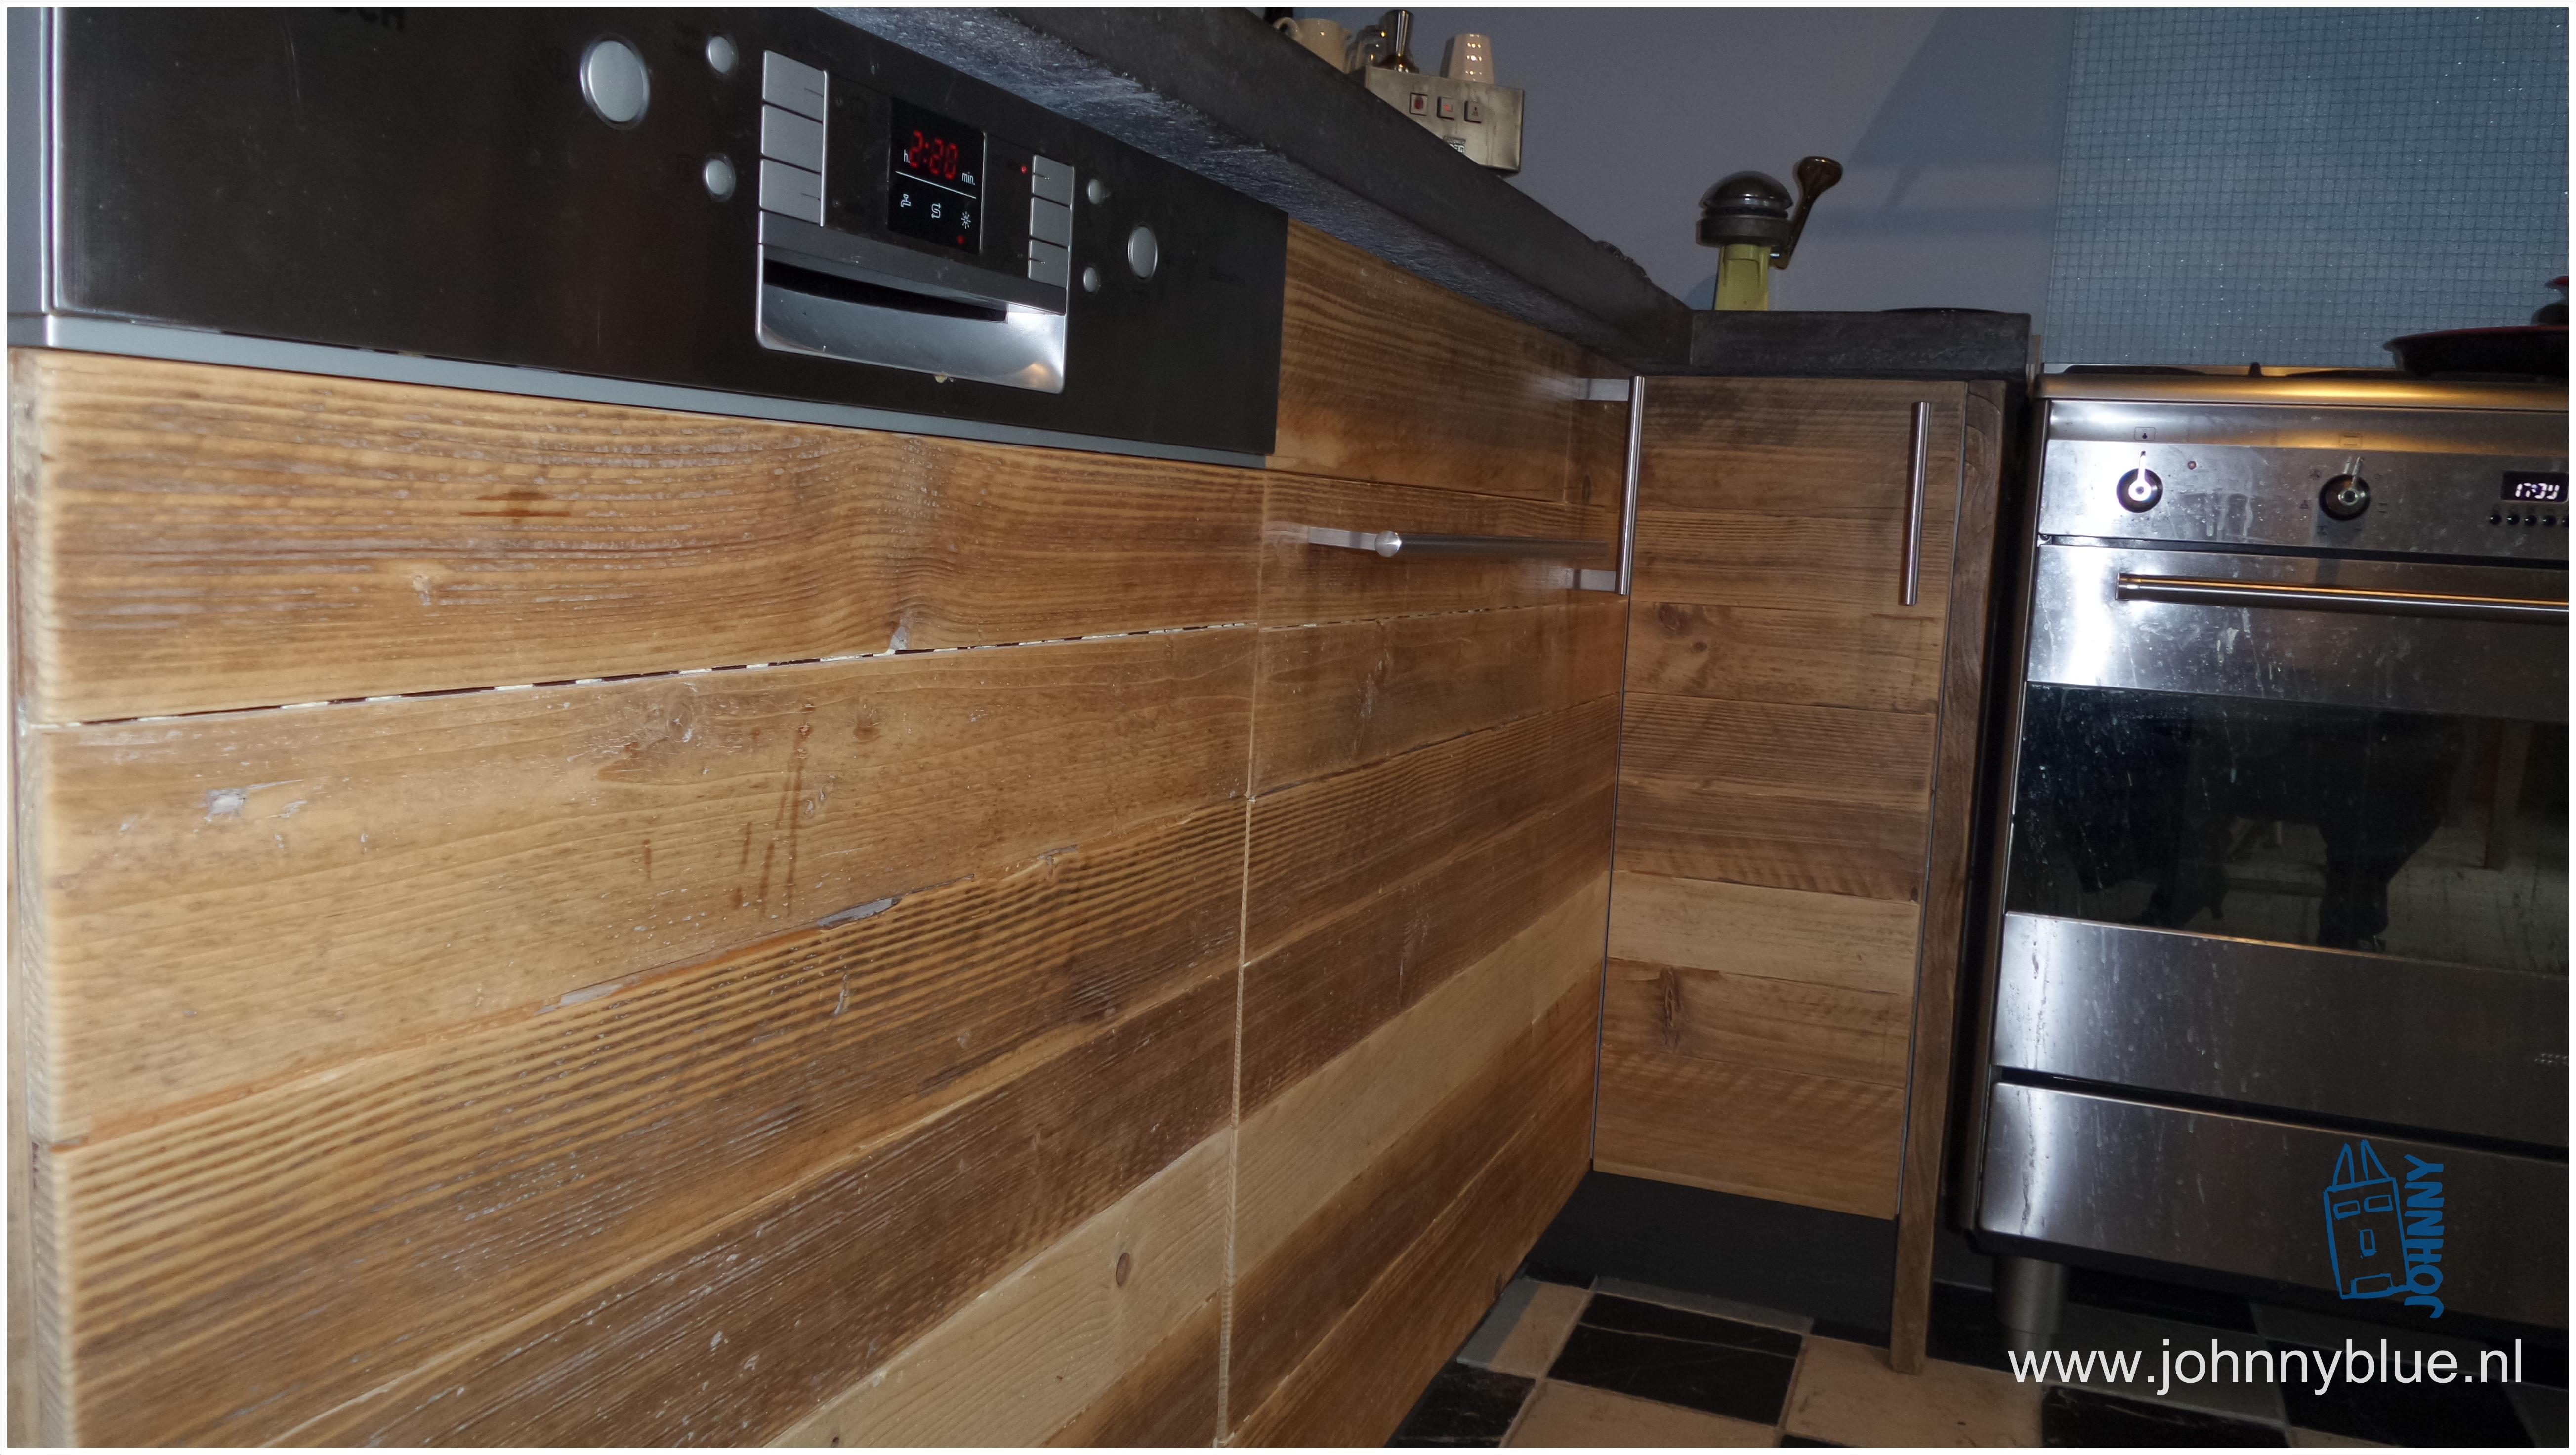 Moderne keuken plank keukenplank keukenstudio maassluis